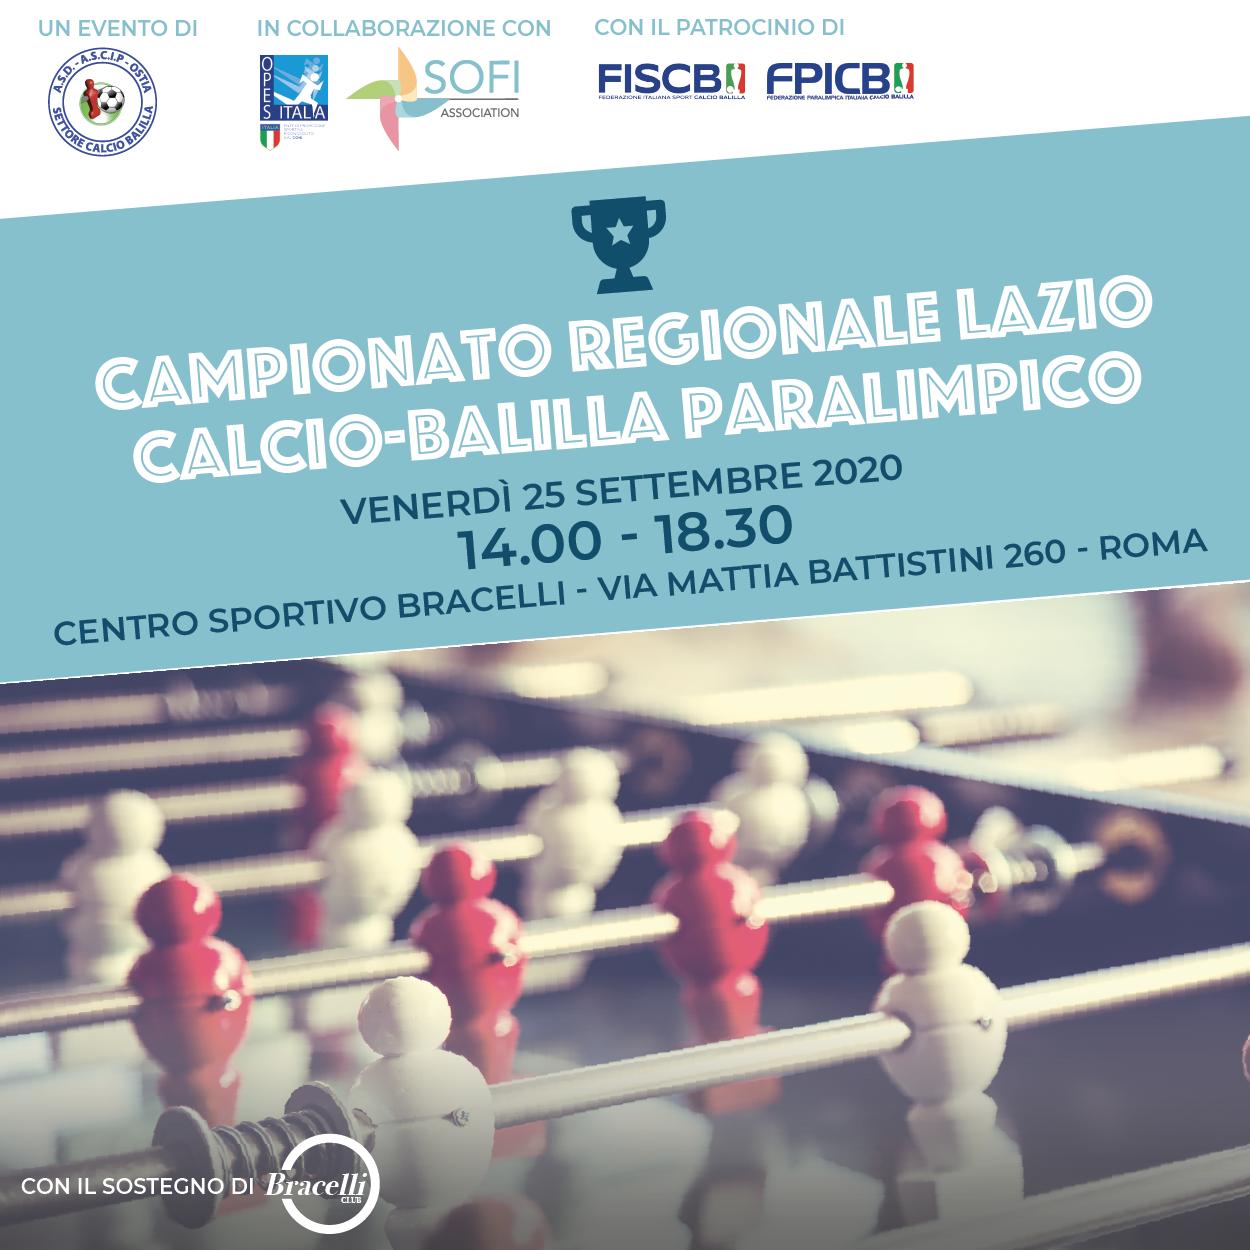 Locandina Campionato Regionale Lazio Calcio Balilla Paralimpico